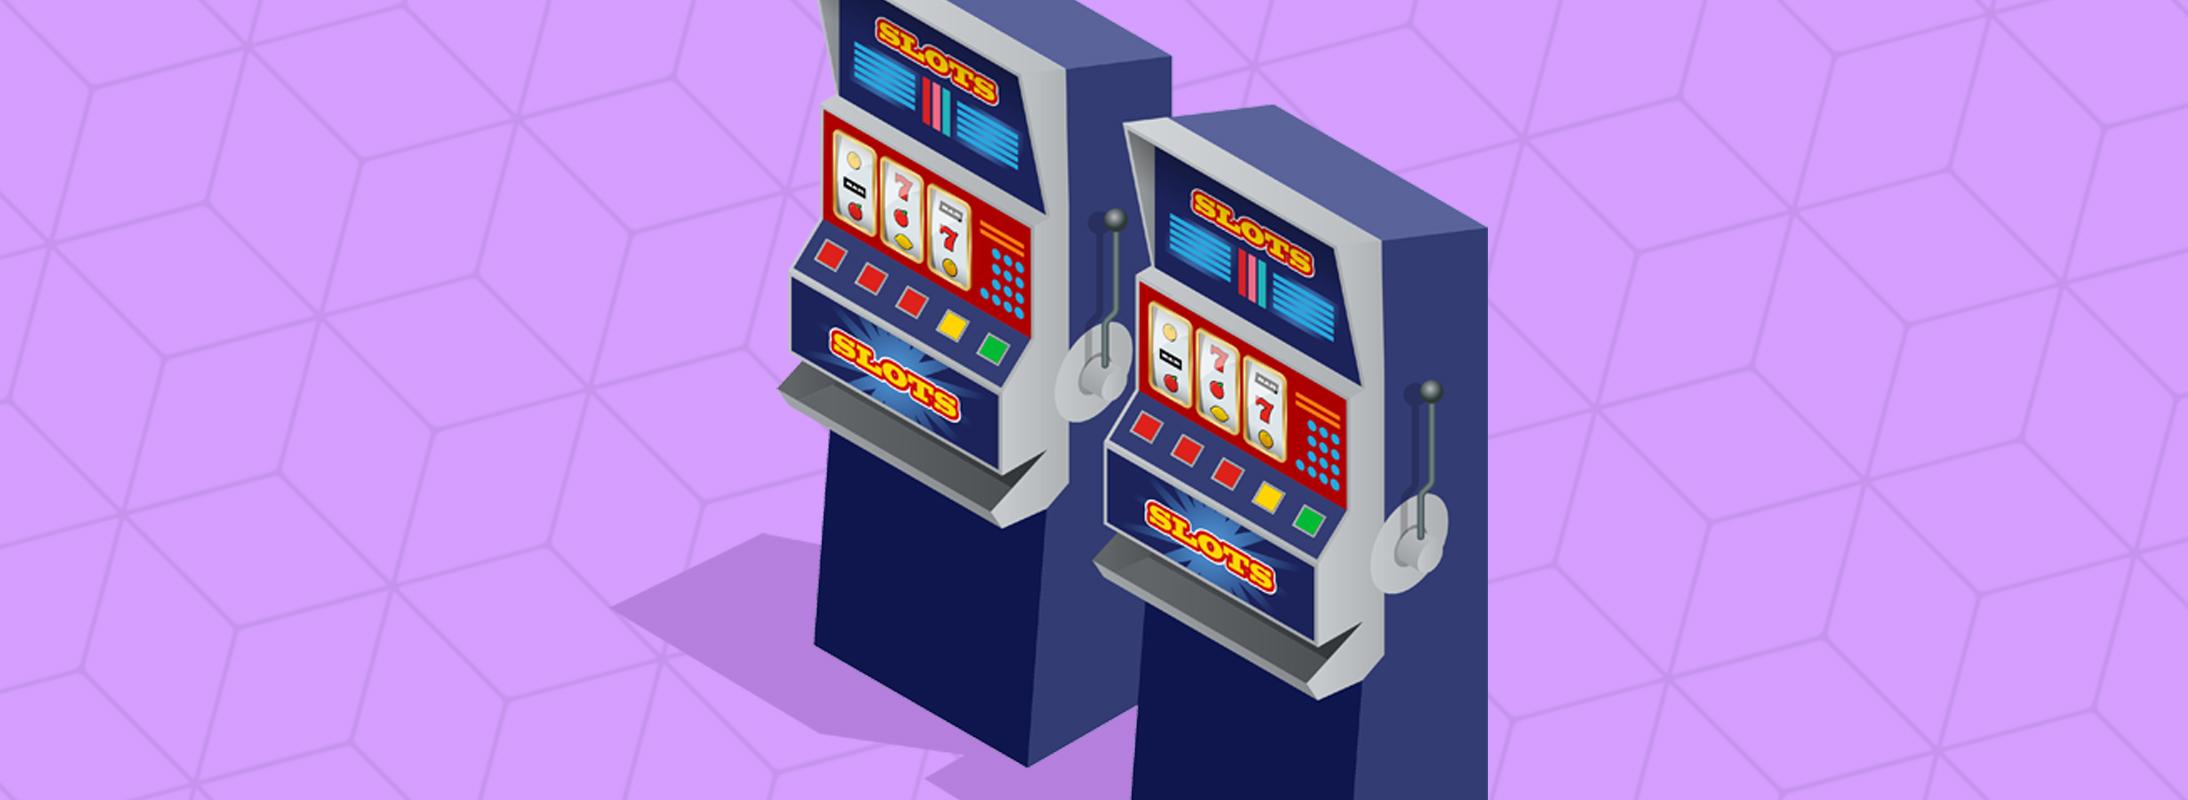 Findes der en strategi til at vinde på spilleautomater element02 - CasinoTop